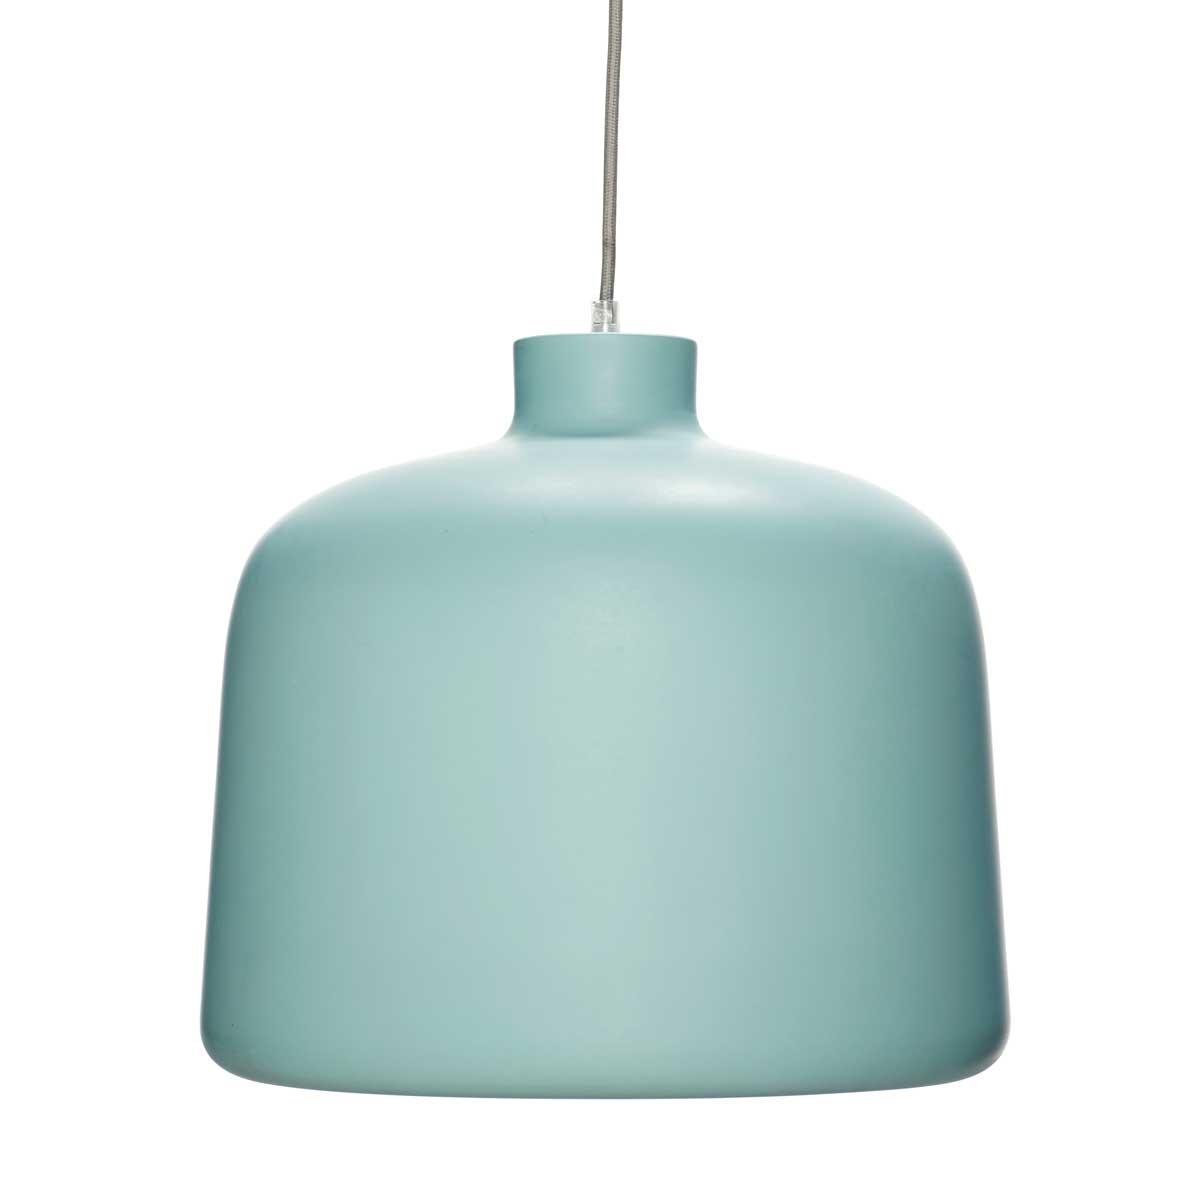 Billede af HÜBSCH Grøn aluminium Lampe